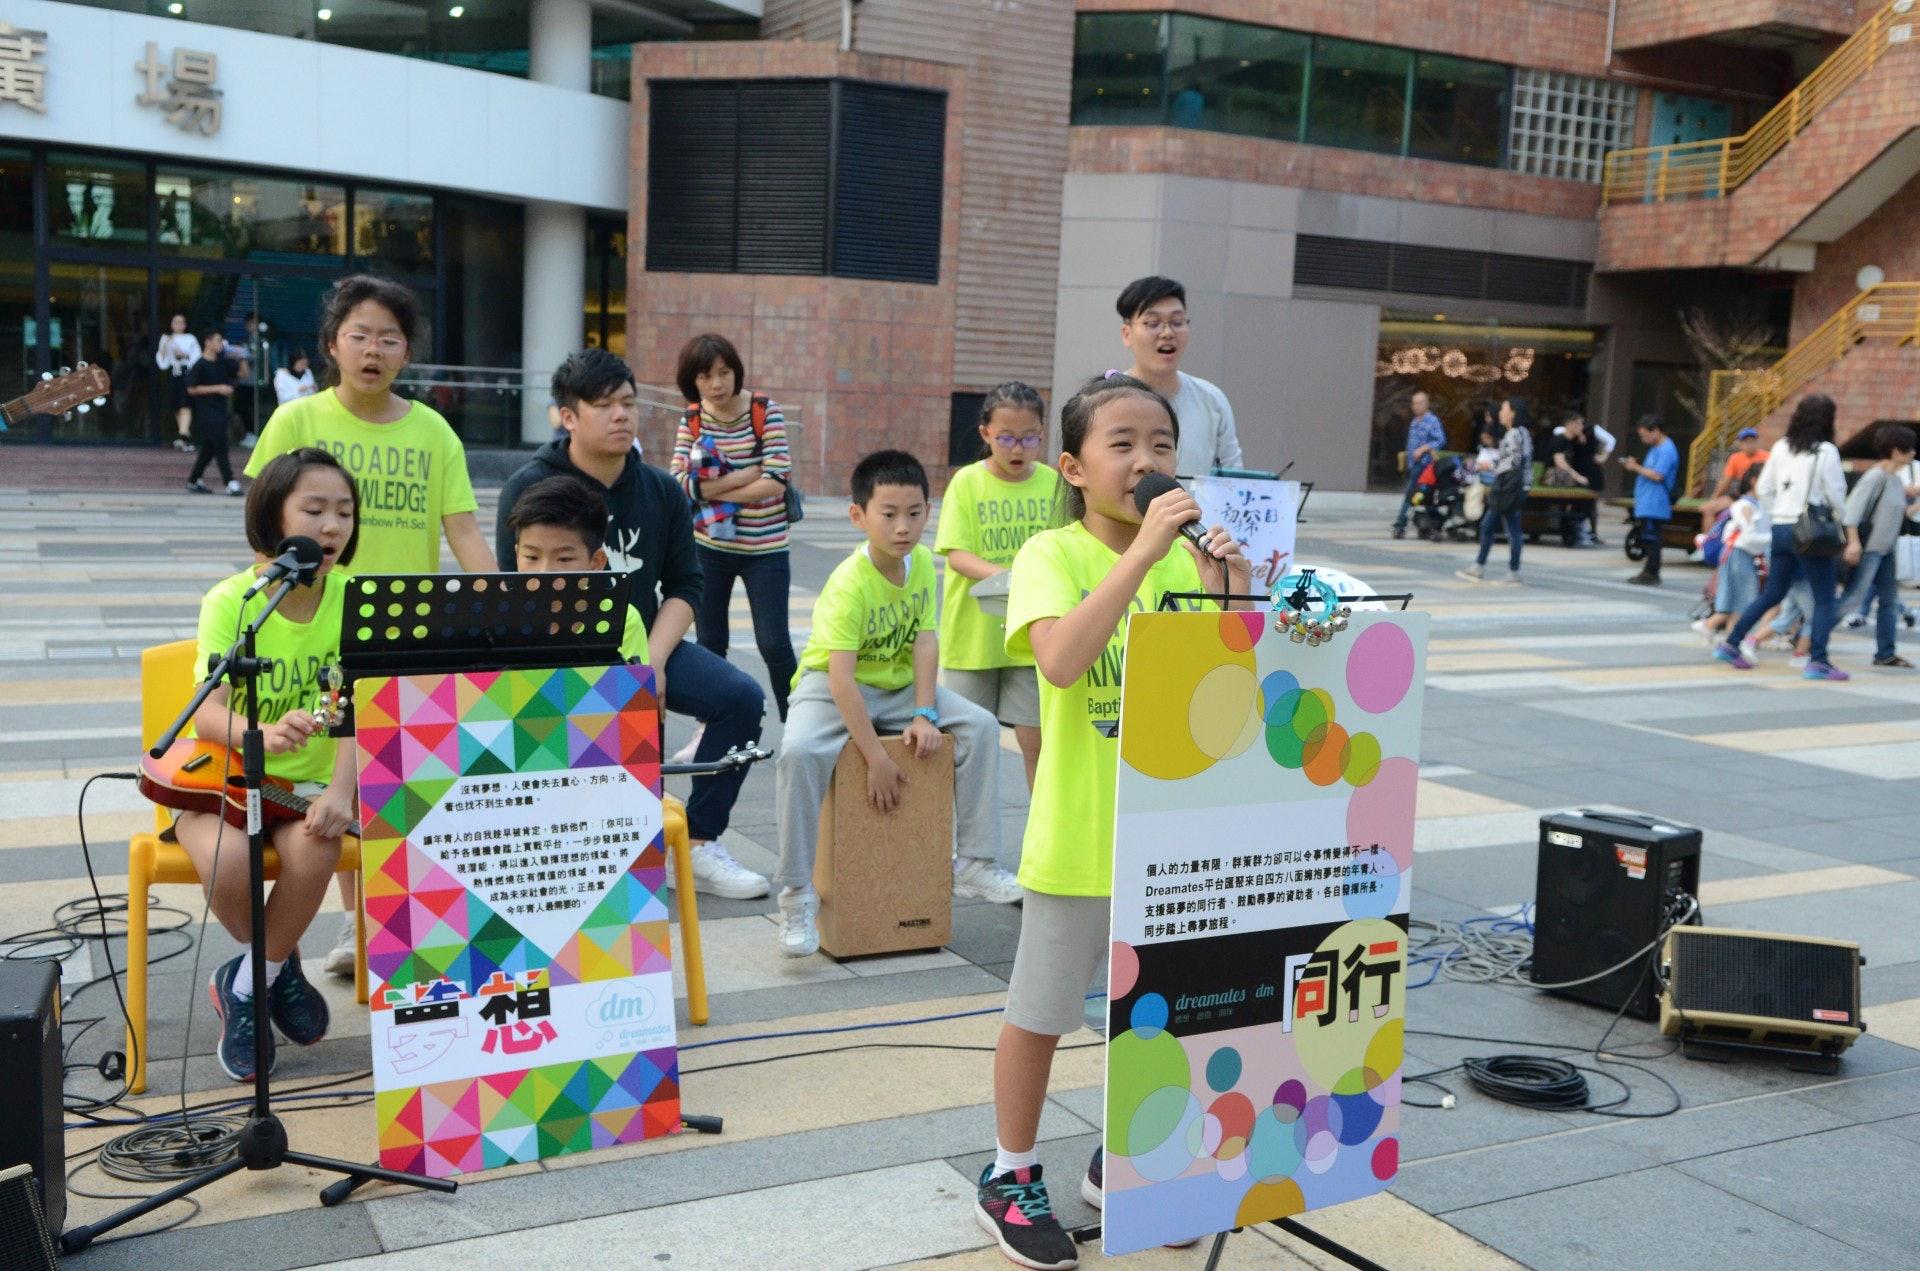 學生在沙田大會堂外玩busking,一口氣唱出多首跟夢想有關的歌曲,表演期間毫不怯場。(陳展希攝)